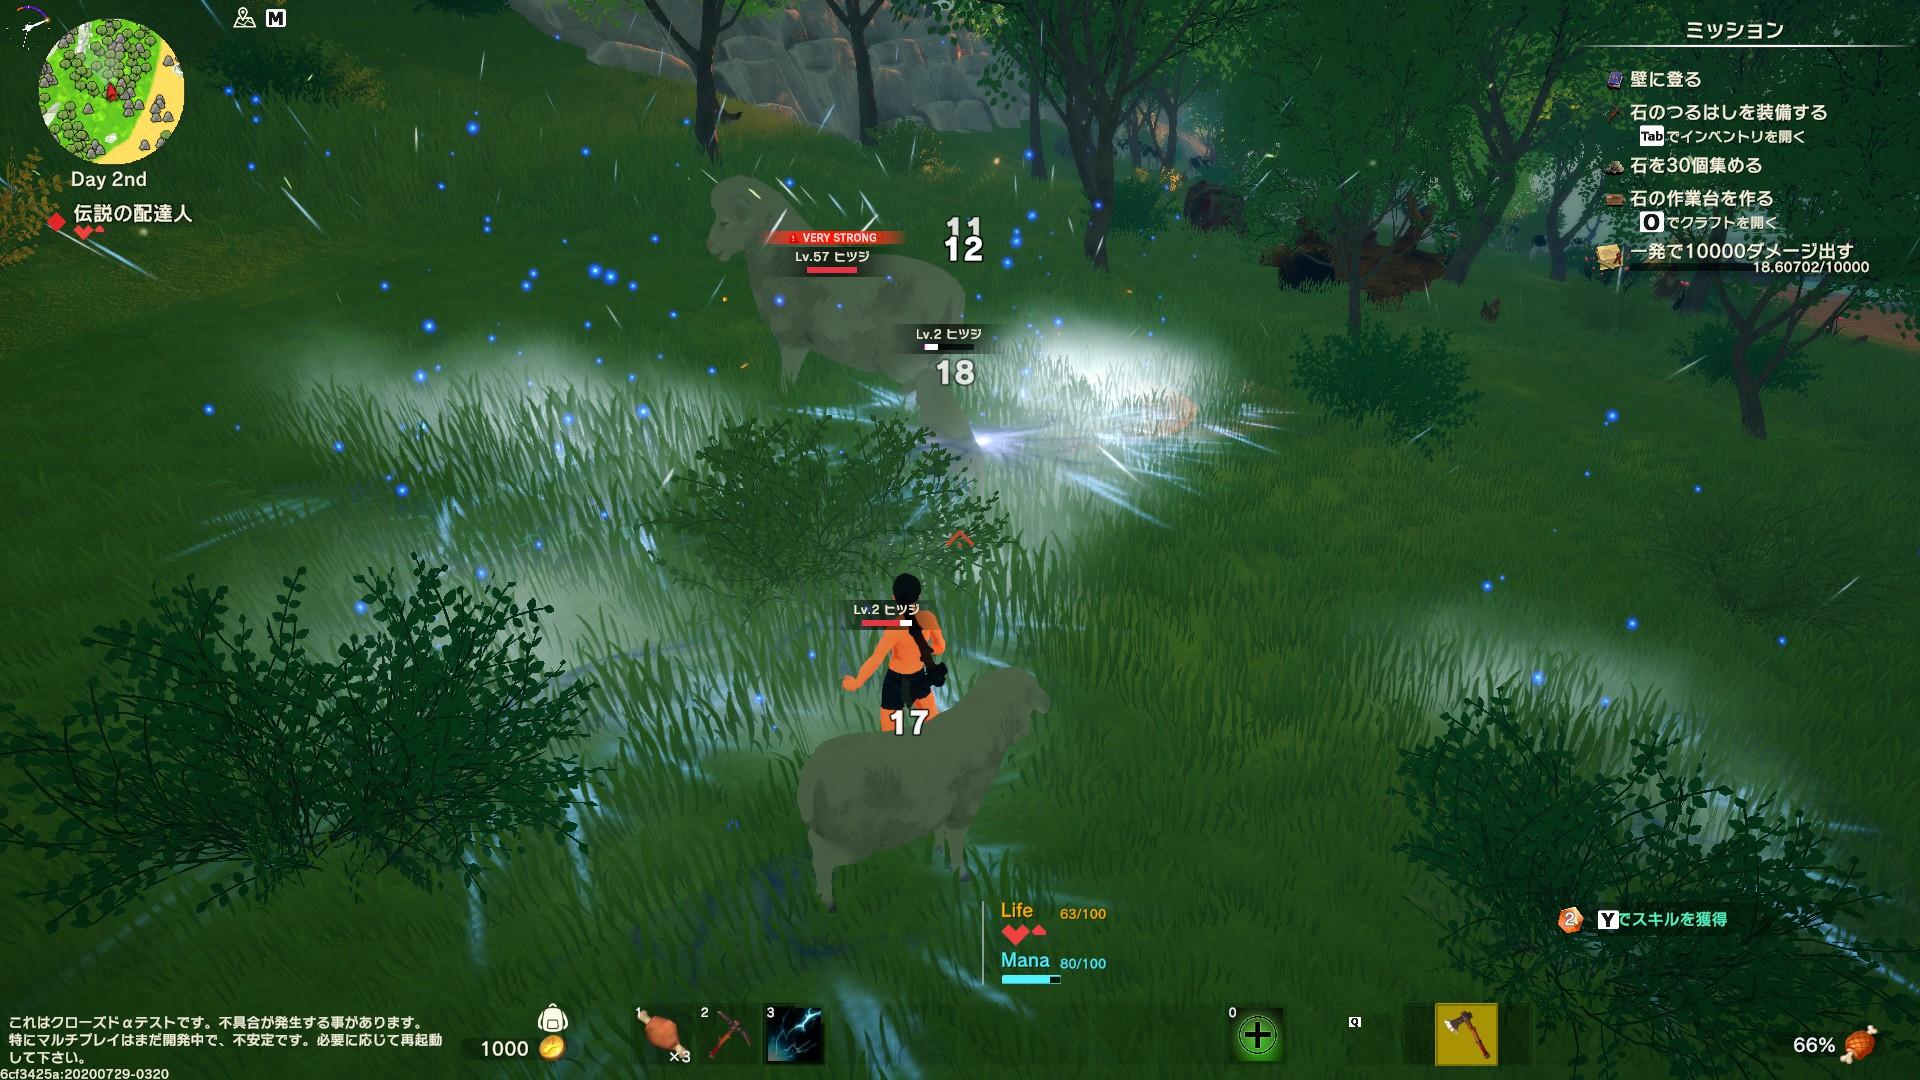 大量に魔方陣が展開され雷で攻撃する派手な魔法だが、威力に関しては実に初級魔法らしい性能